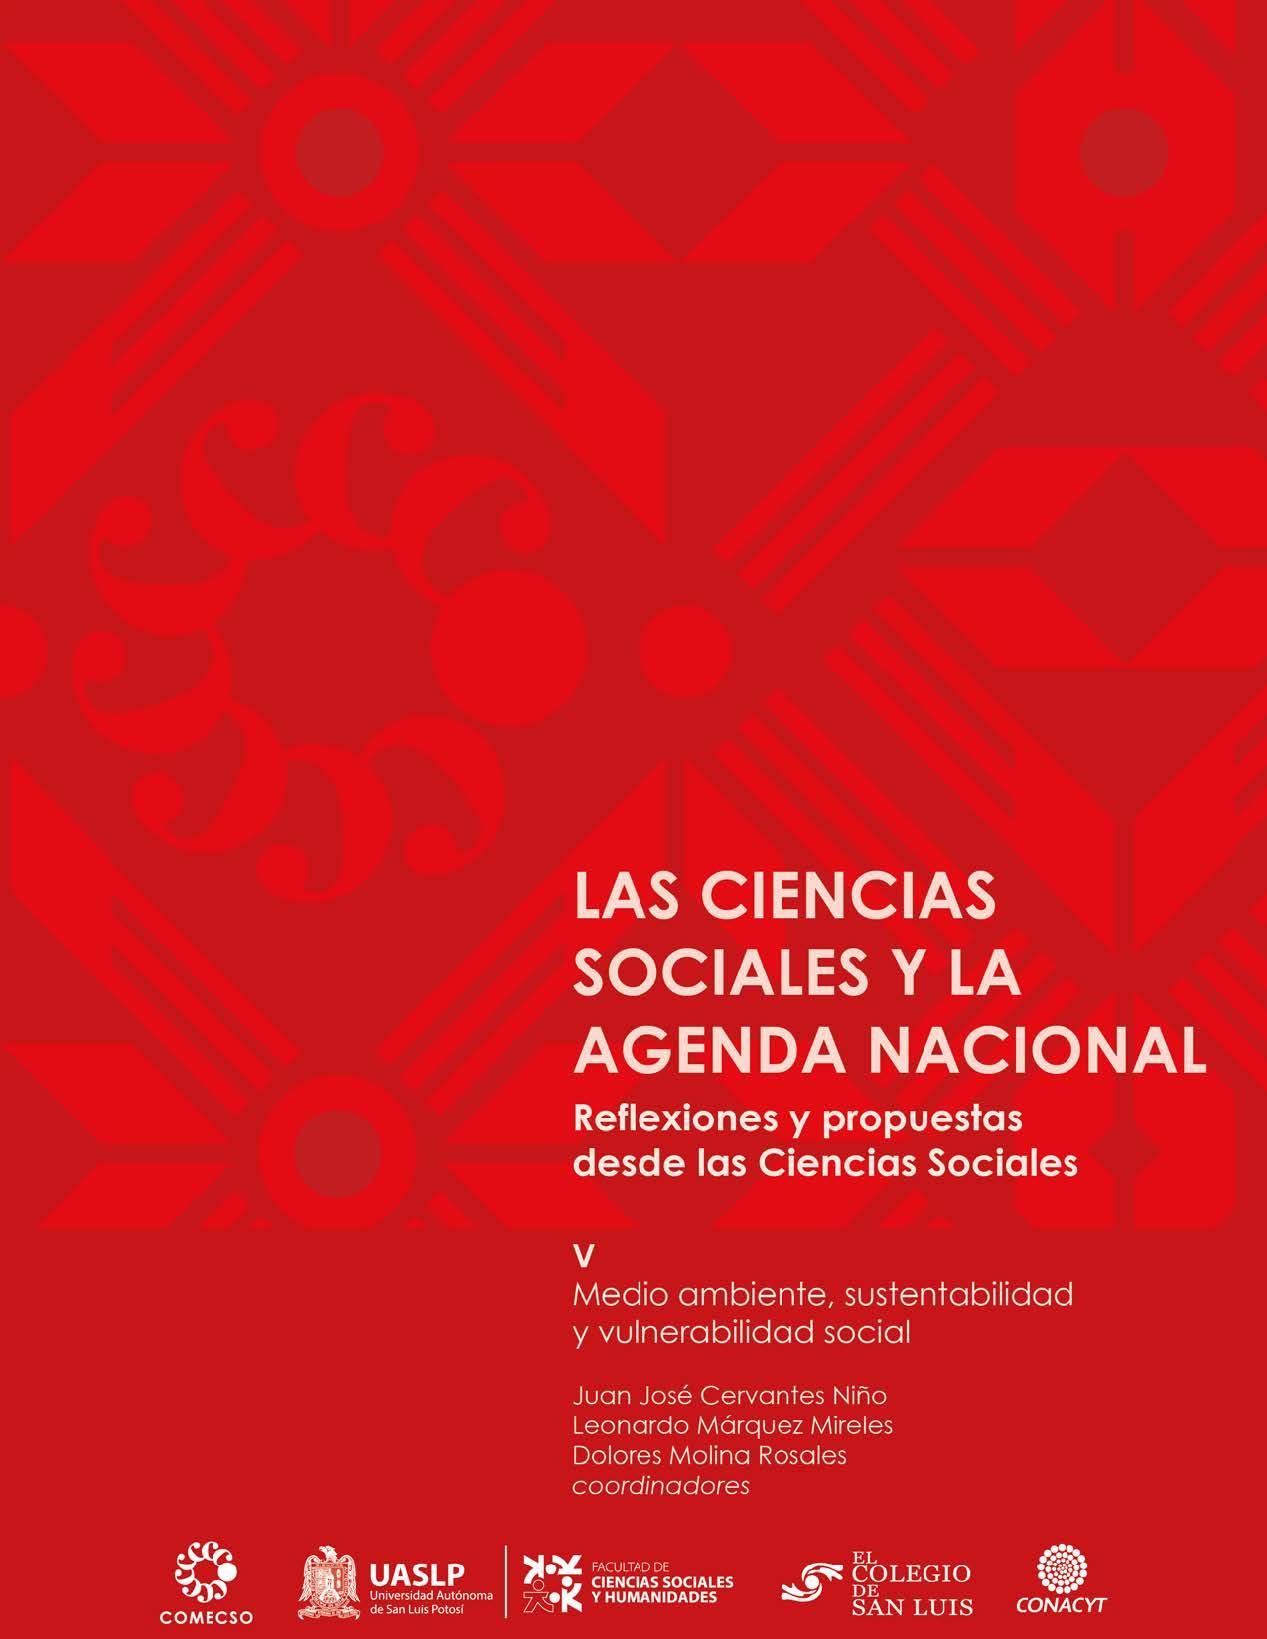 Vol. V. Medio ambiente, sustentabilidad y vulnerabilidad social